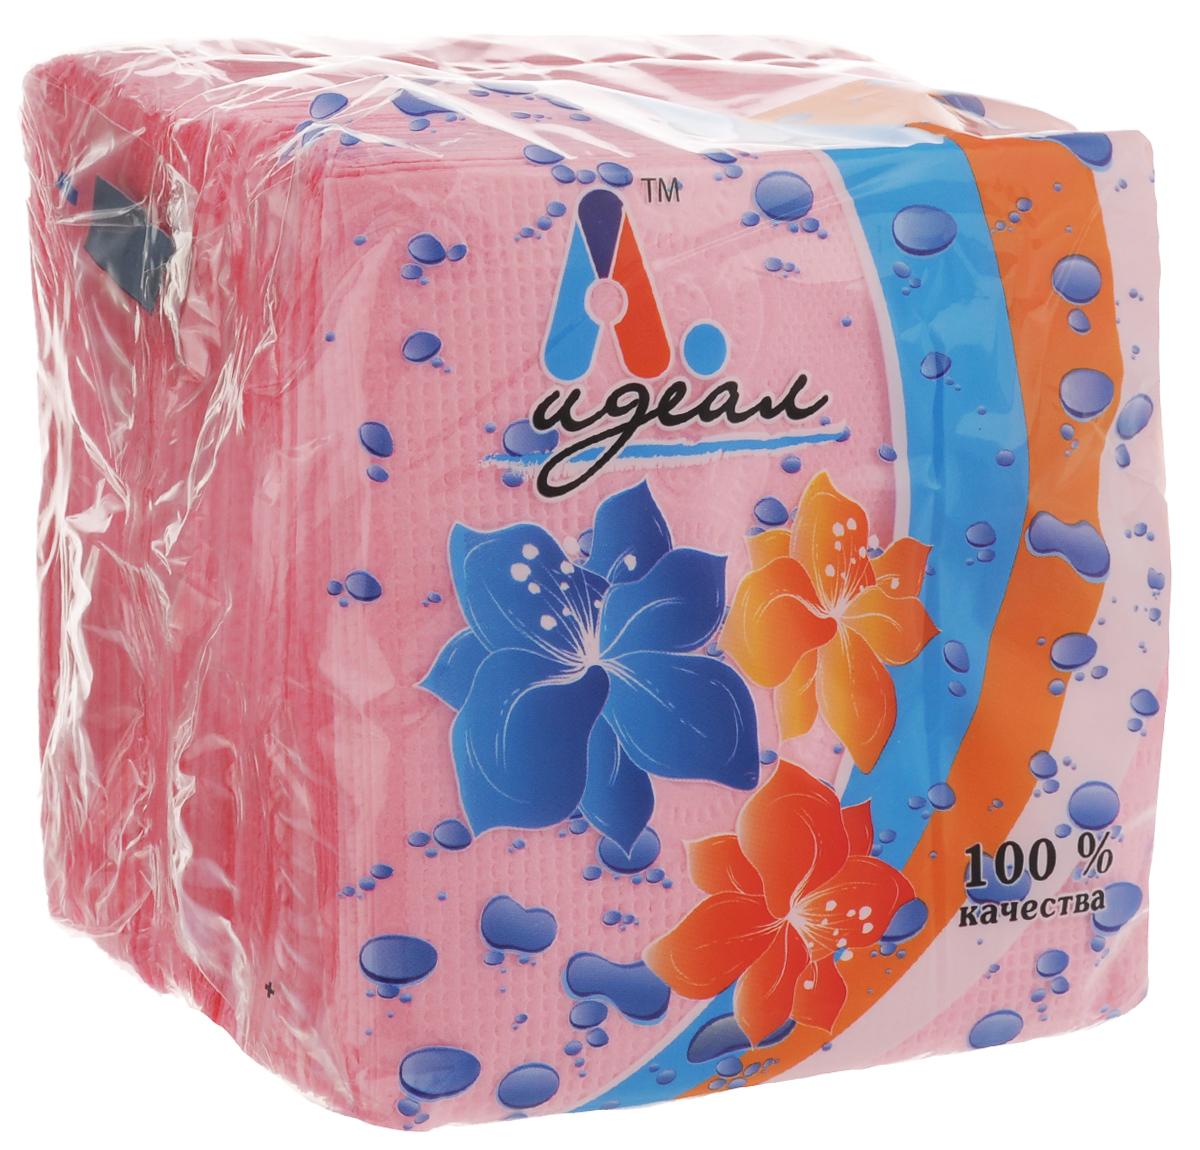 Салфетки бумажные Идеал, цвет: розовый, 85 штСЛФ04782Бумажные салфетки Идеал выполнены из 100% целлюлозы. Салфетки подходят для косметического, санитарно-гигиенического и хозяйственного назначения. Нежные и мягкие. Салфетки украшены узором.Комплектация: 85 +/- 5 шт.Размер салфетки: 24 х 24 см.